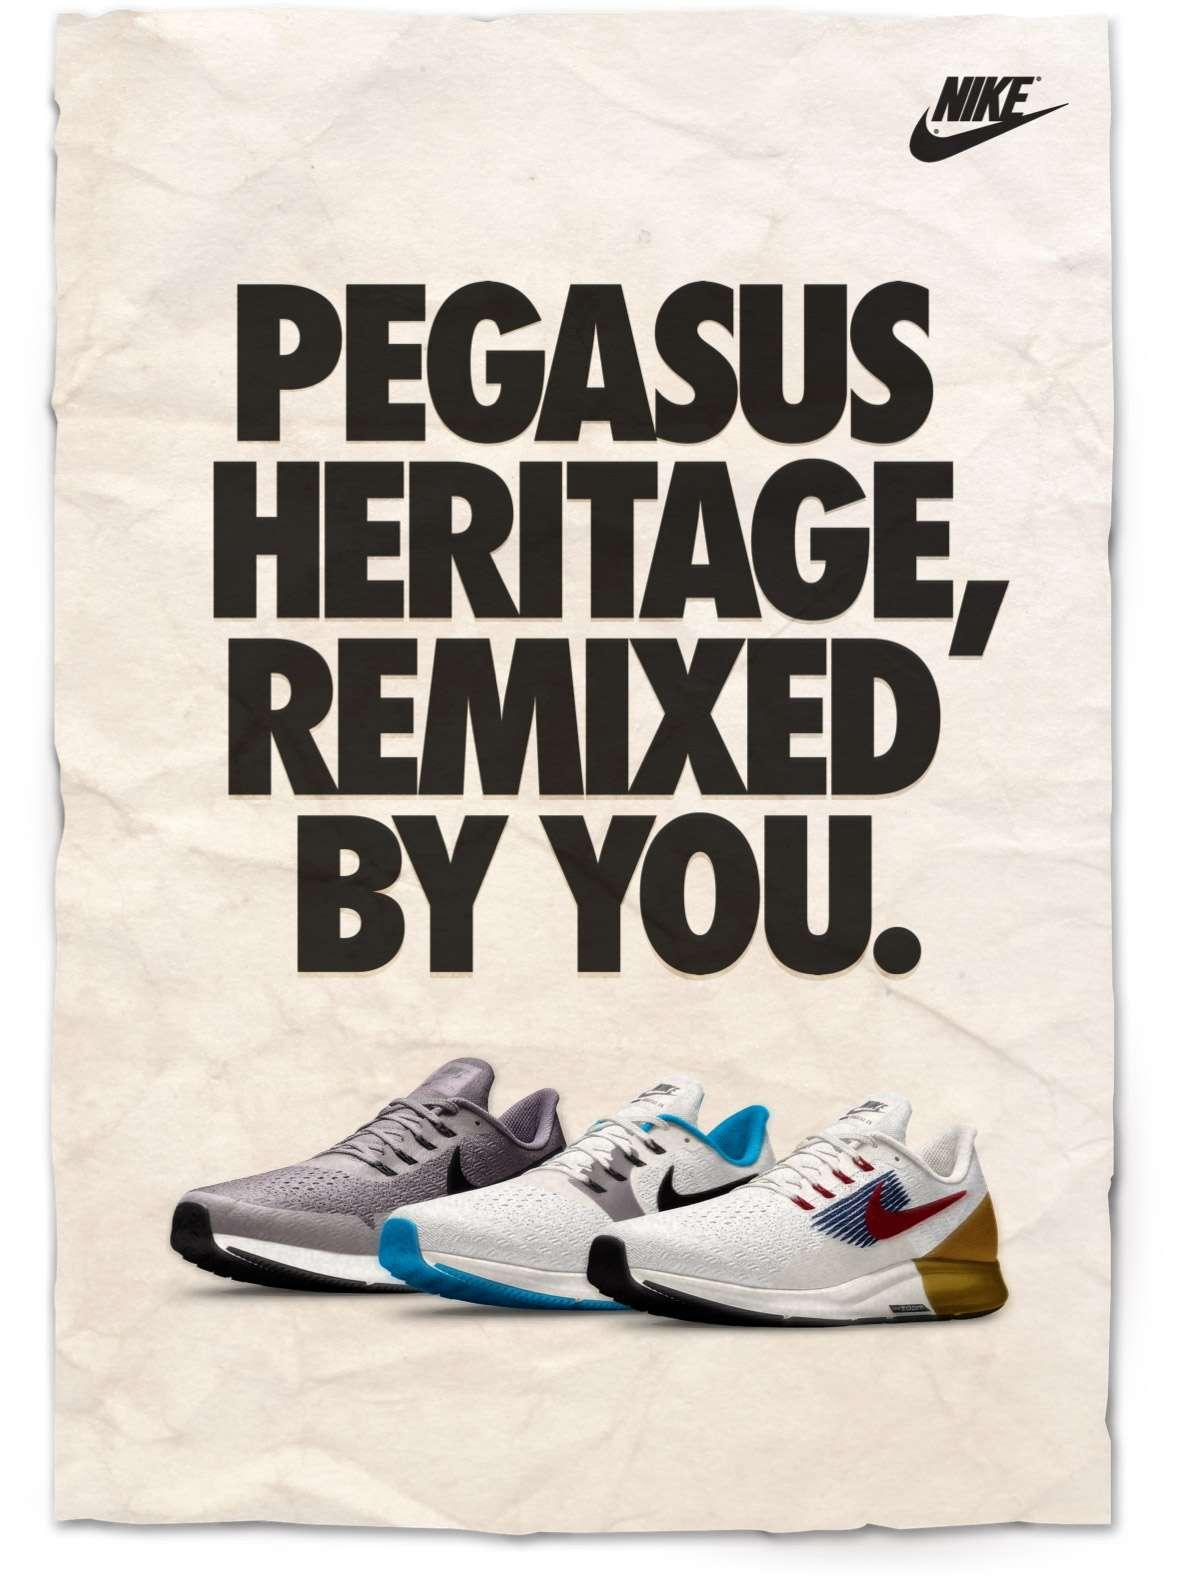 NIKE | PEGASUS HERITAGE, REMIXED BY YOU.